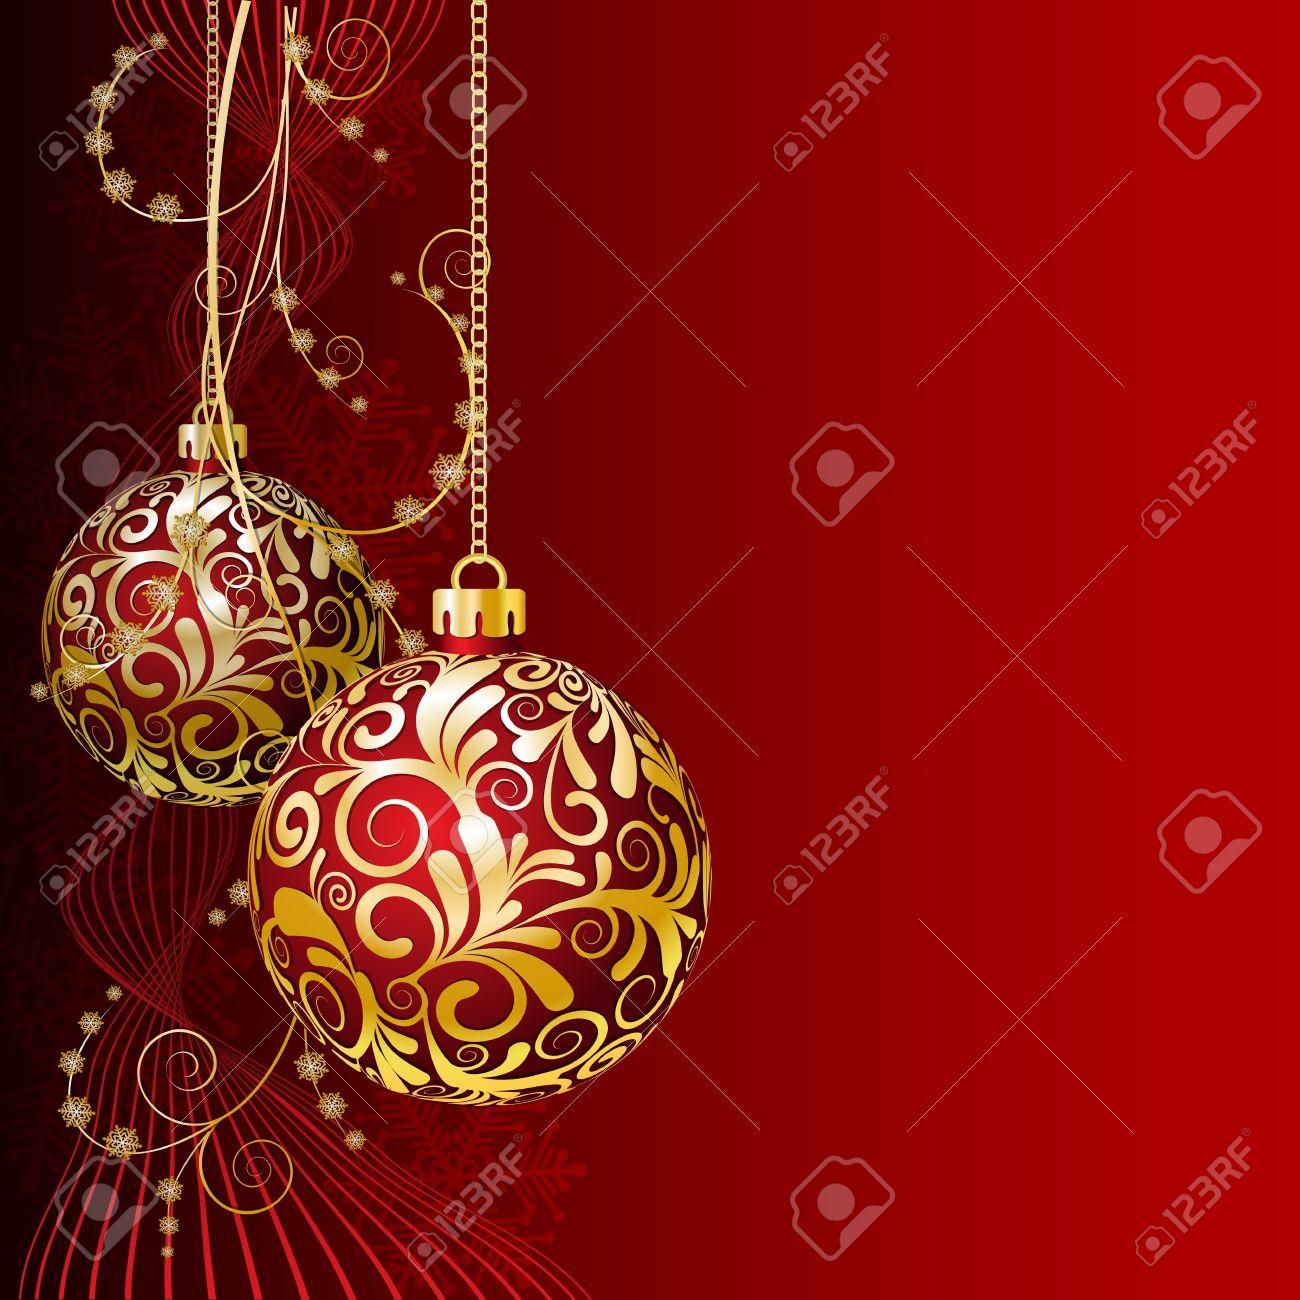 bolas de navidad doradas red tarjeta de navidad con bolas de navidad y copos de